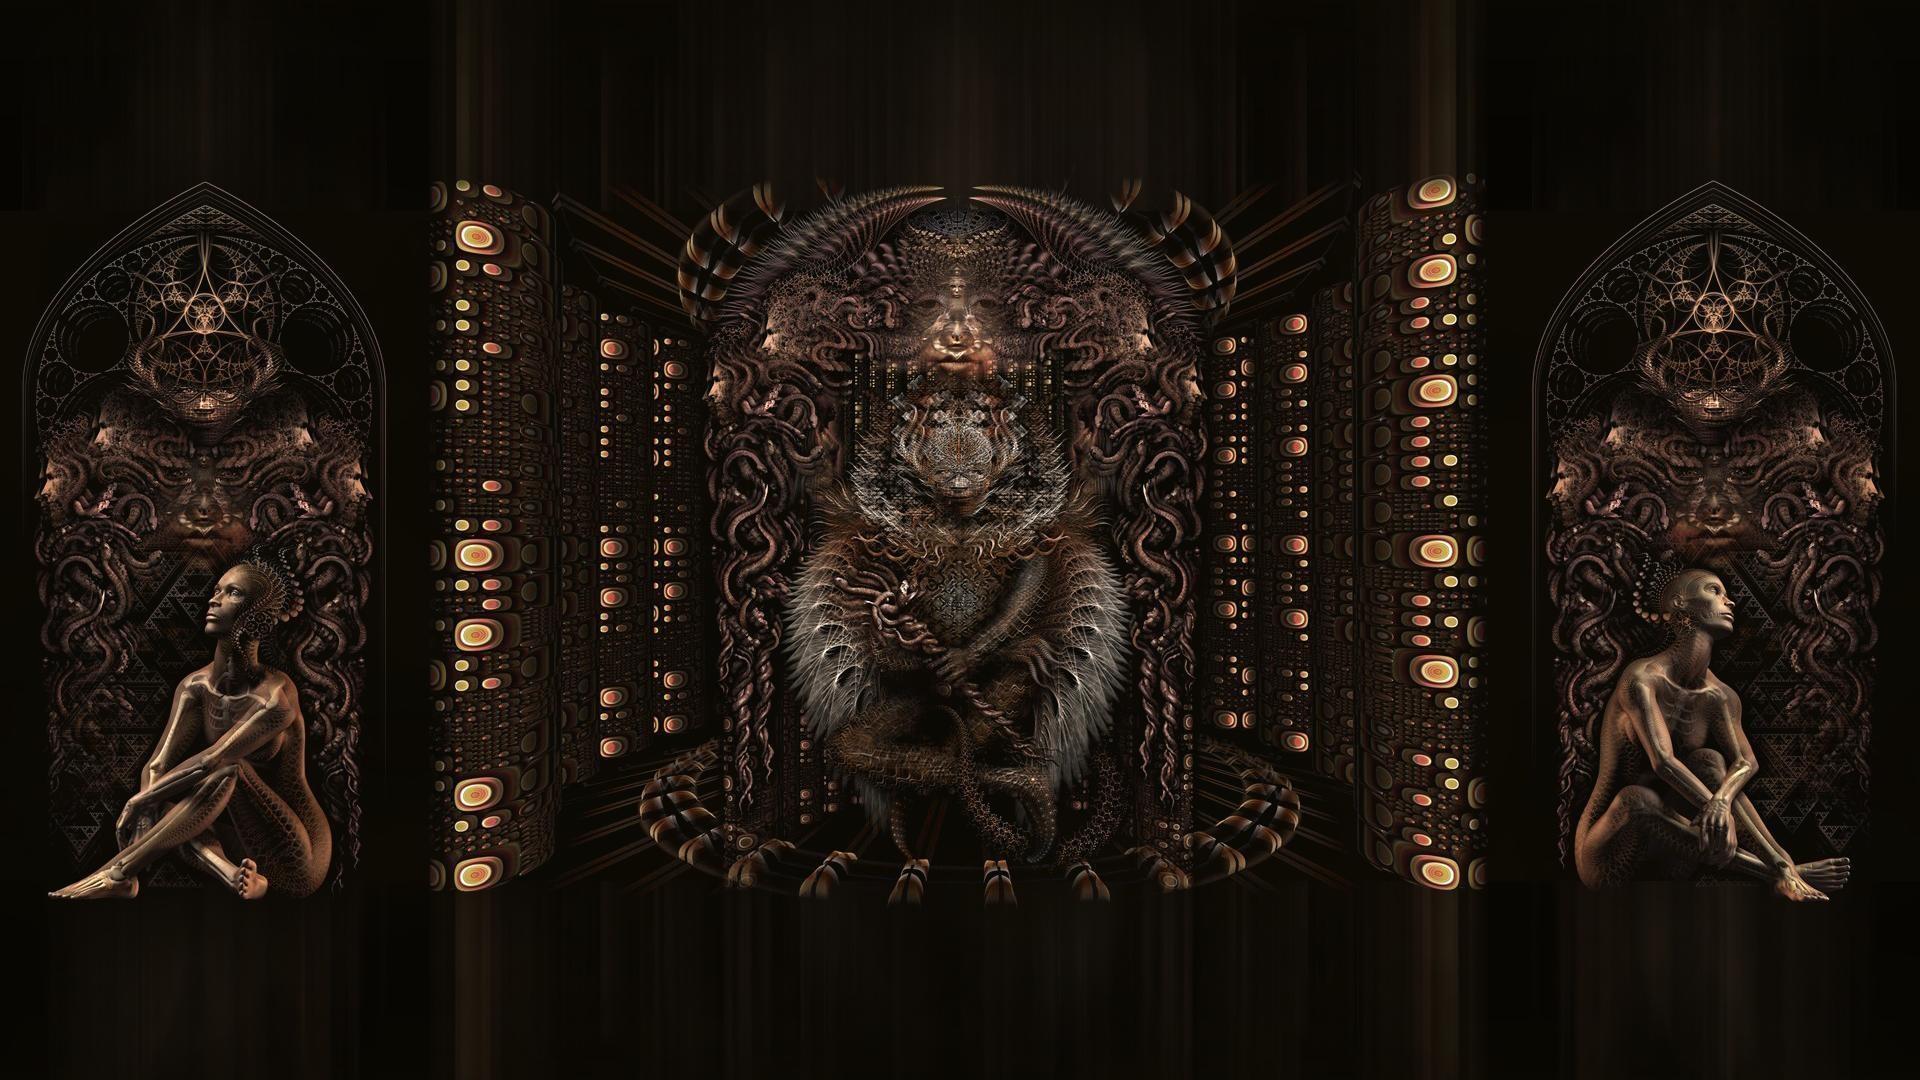 Meshuggah Wallpapers 63 Images